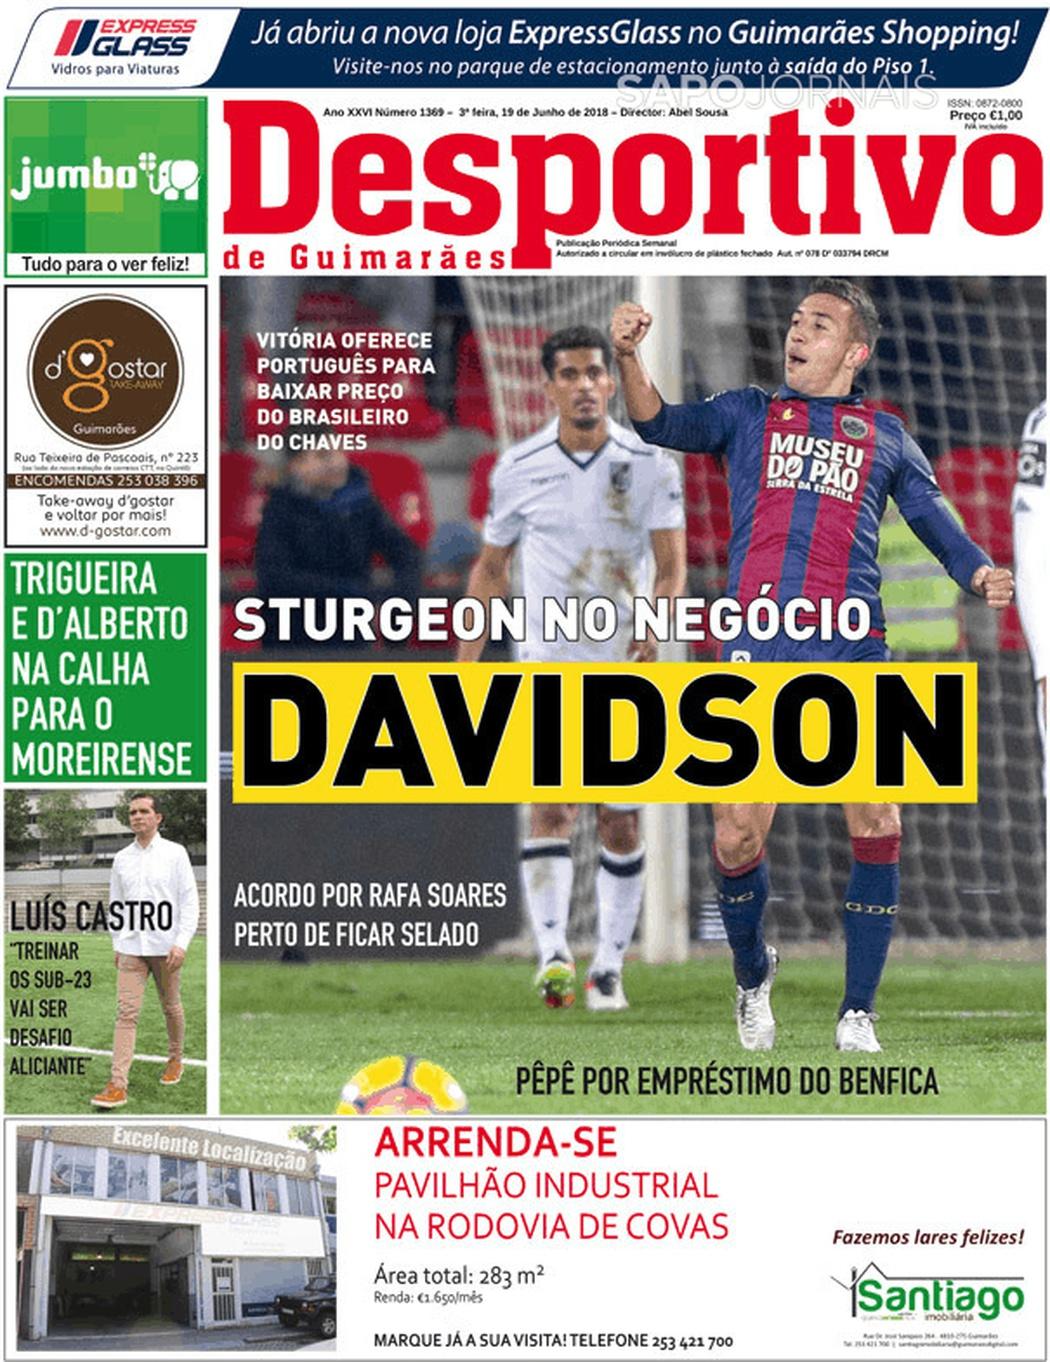 Banca De Jornais Desportivo De Guimarães 19 06 2018 Futebol 365